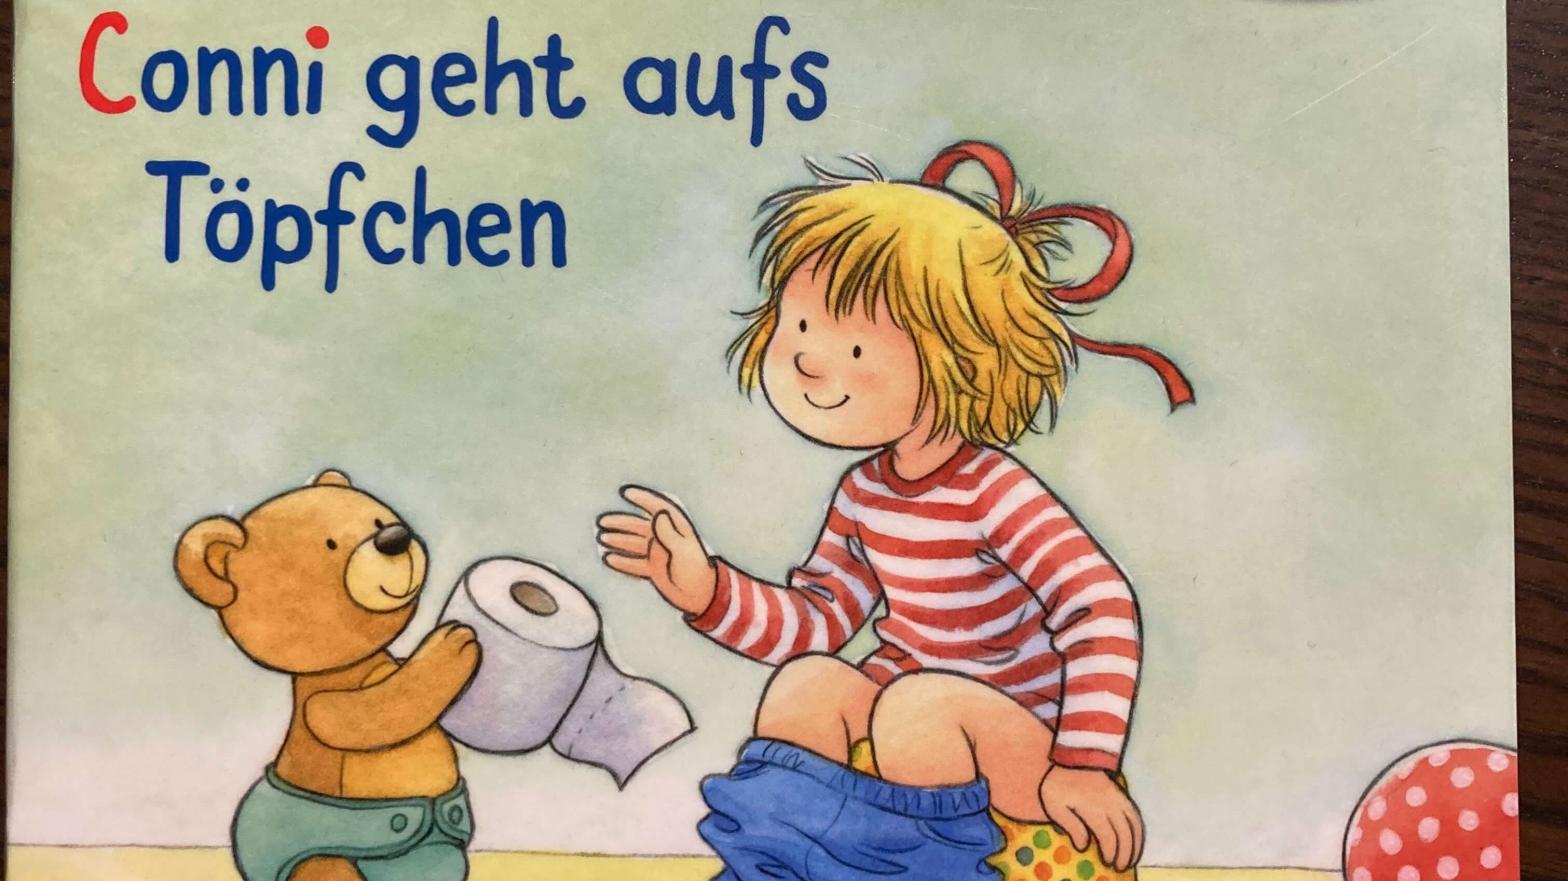 Titelbild von dem Kinderbuch: Conni geht aufs Töpfchen